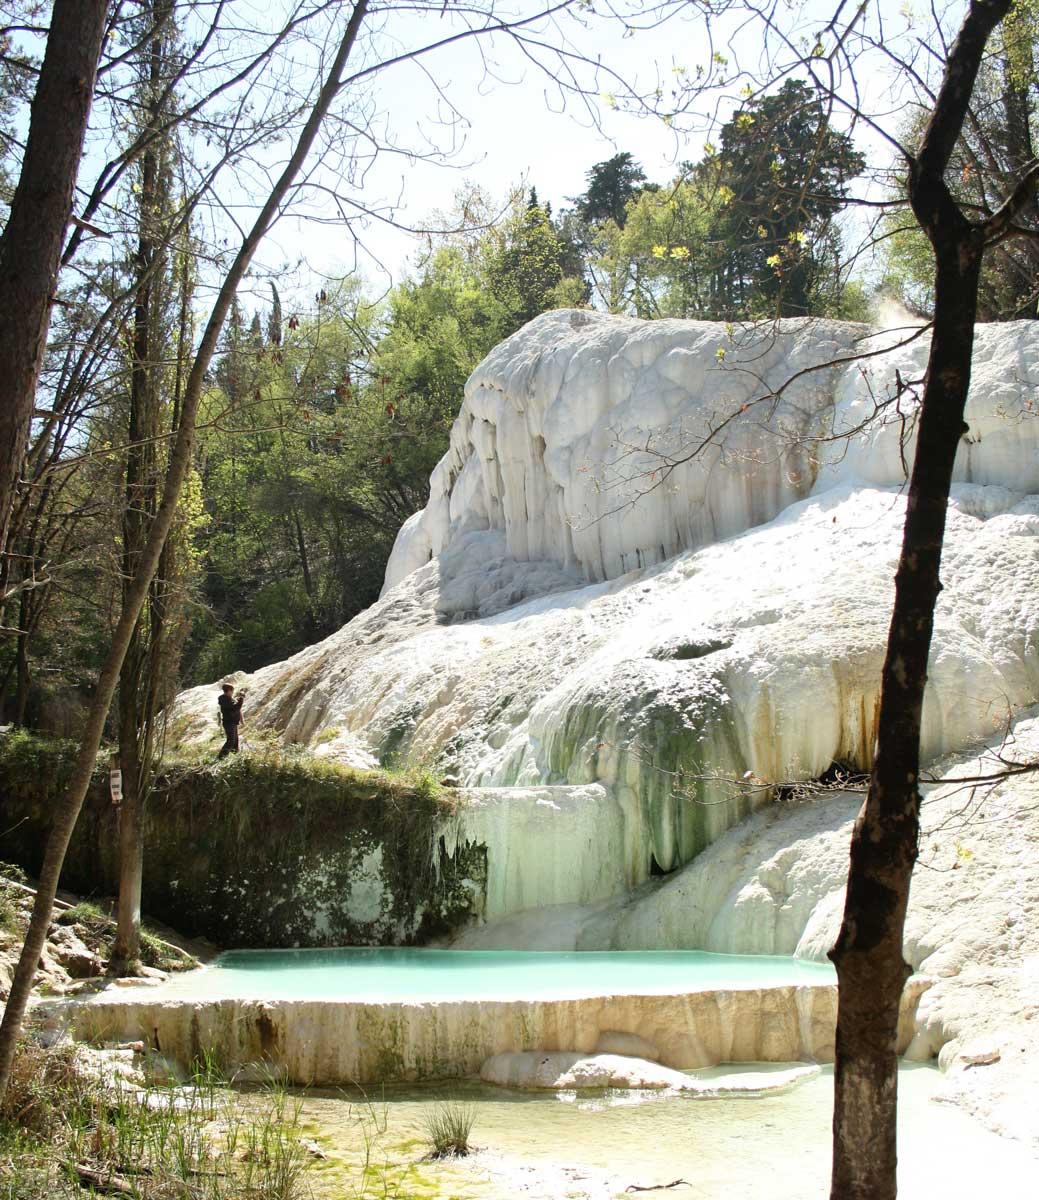 Le terme gratuite in Toscana | I Rintronauti: due toscani in viaggio